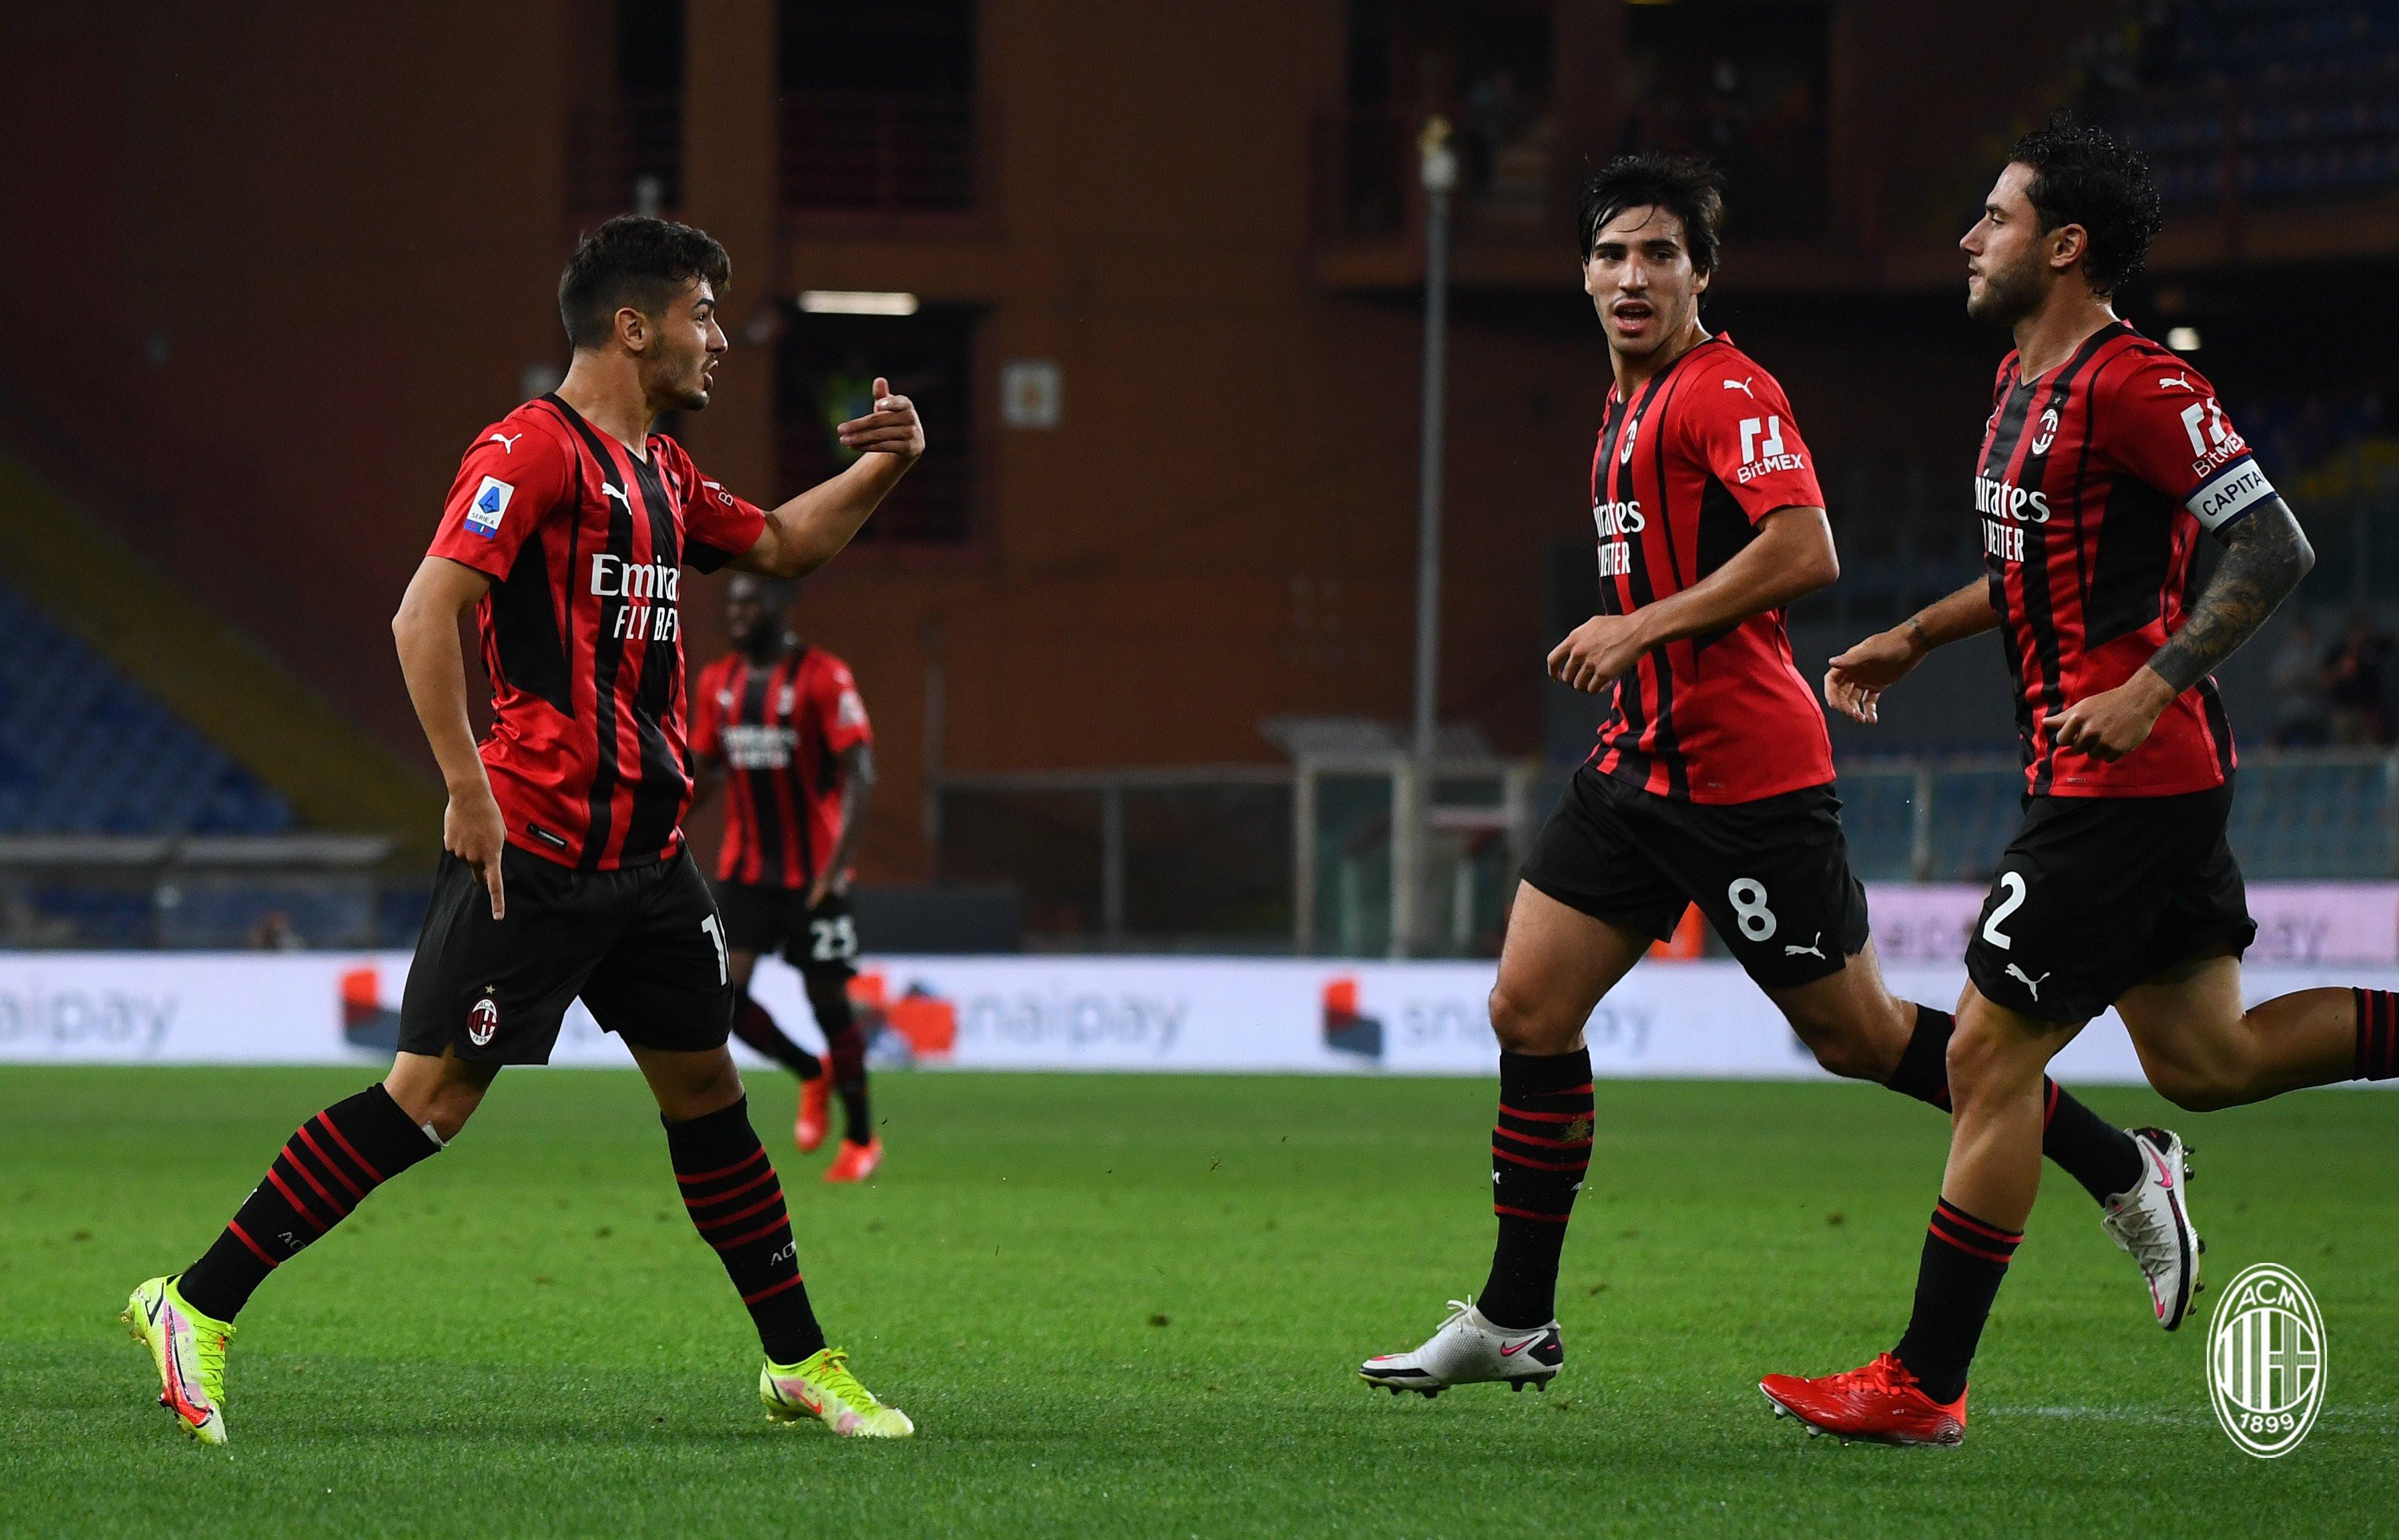 Kalahkan Spezia, AC Milan Puncaki Klasemen Serie-A - JPNN.com